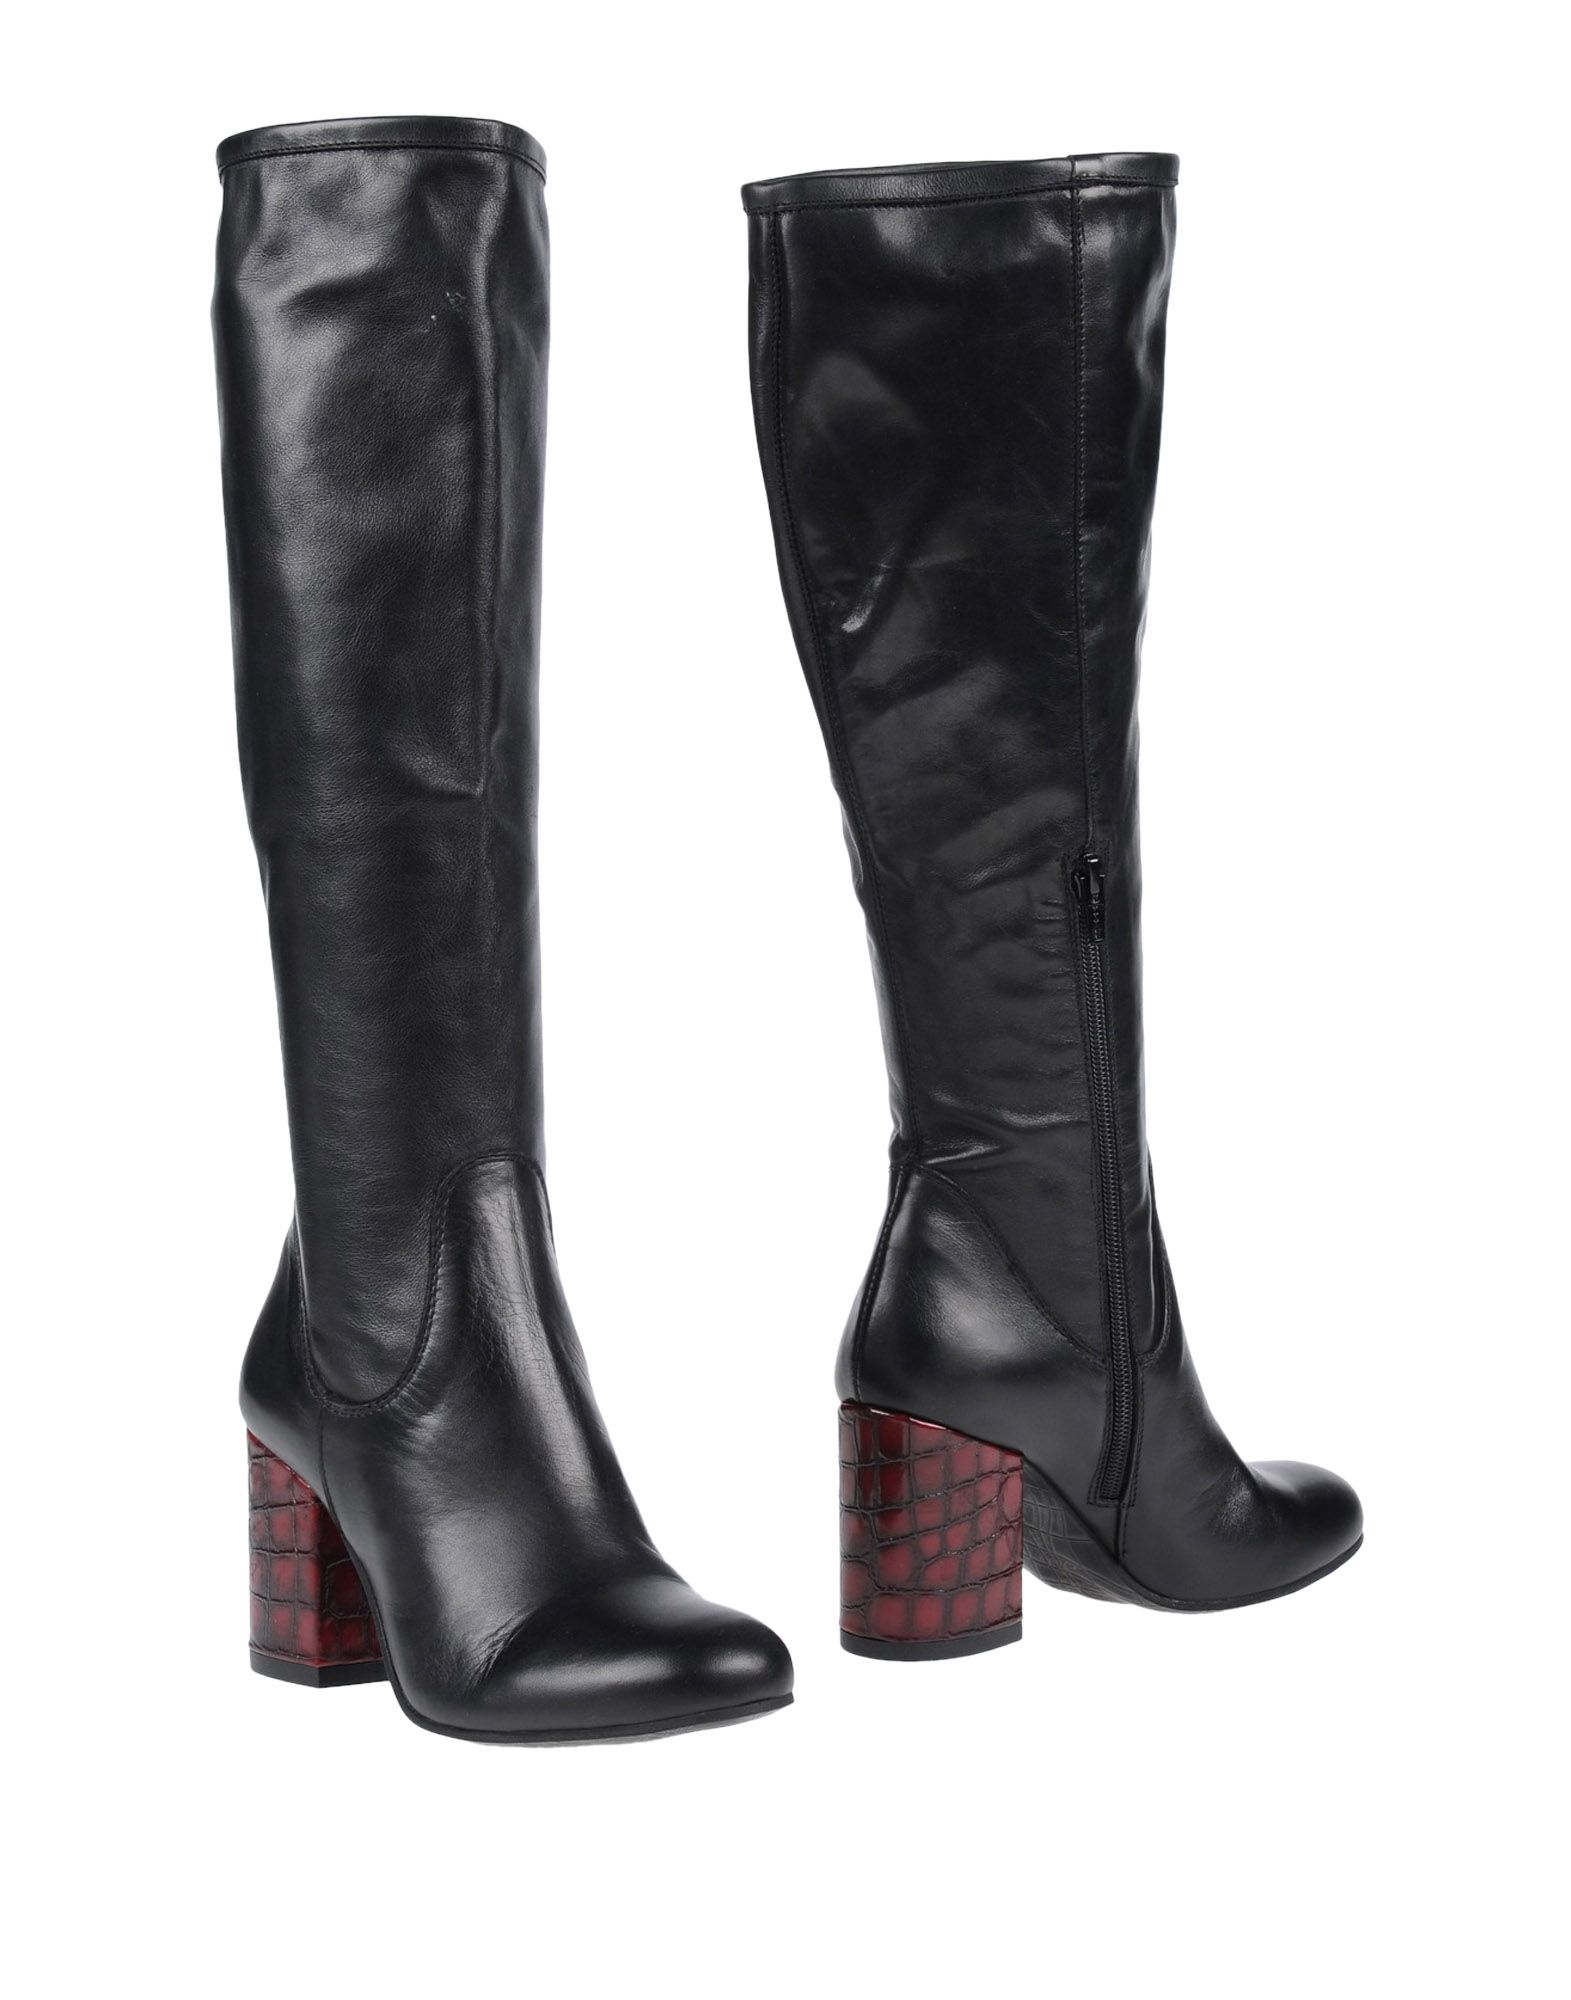 Charme Stiefel Damen  11454899XP Gute Qualität beliebte Schuhe